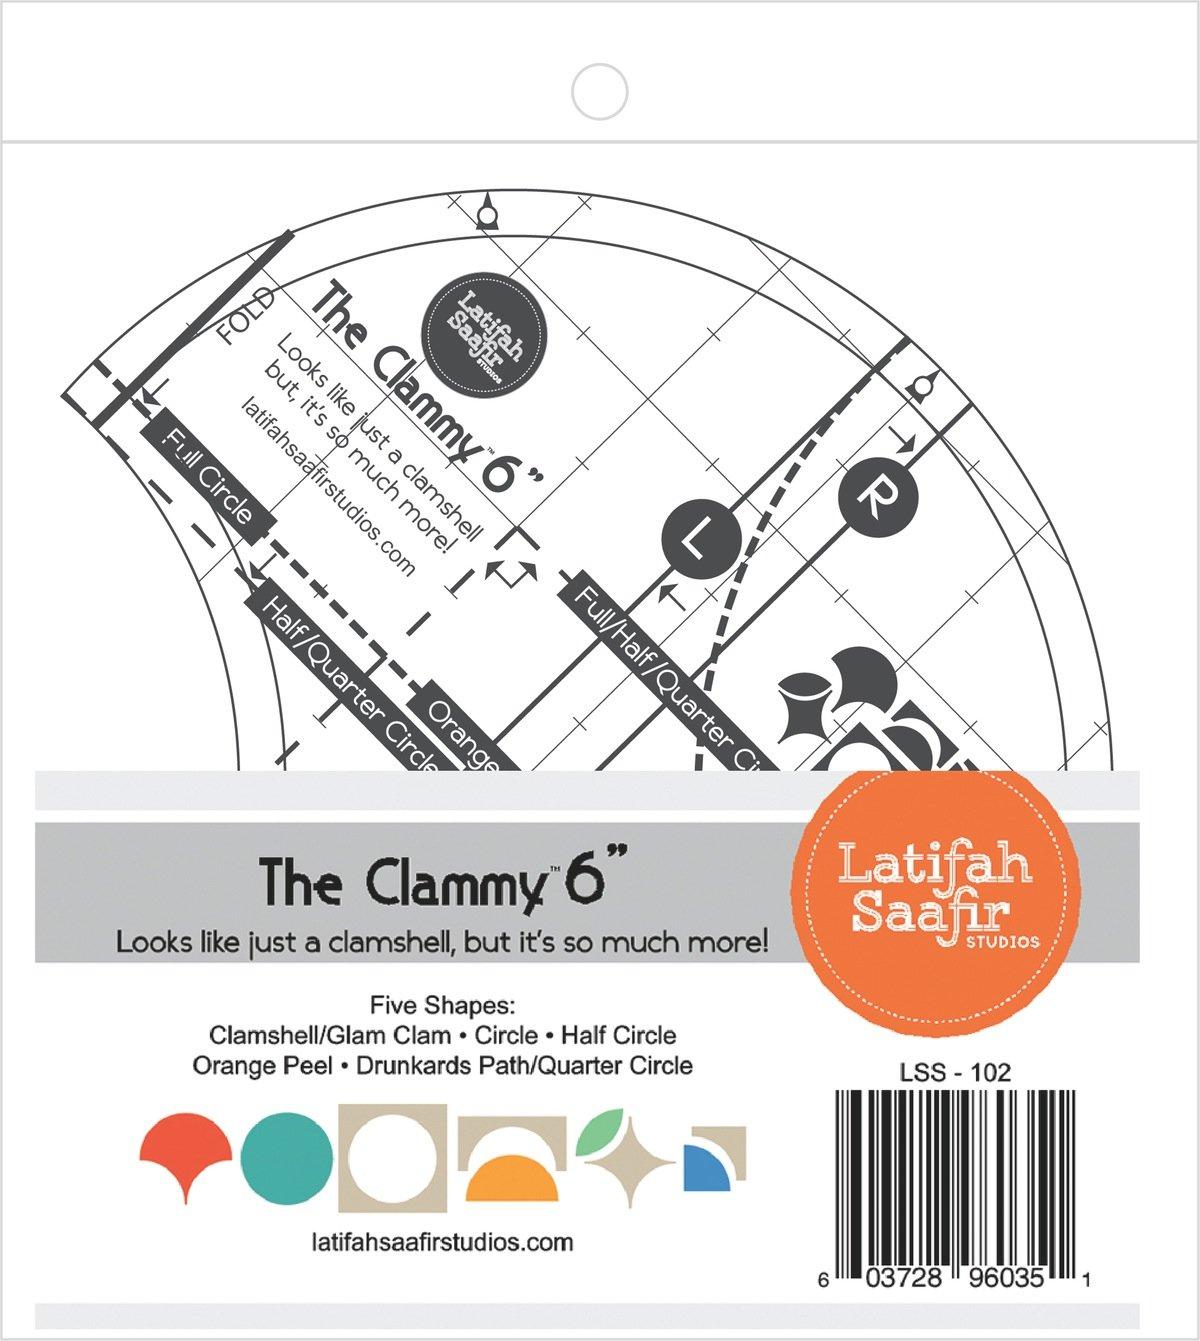 Ruler: The Clammy 6